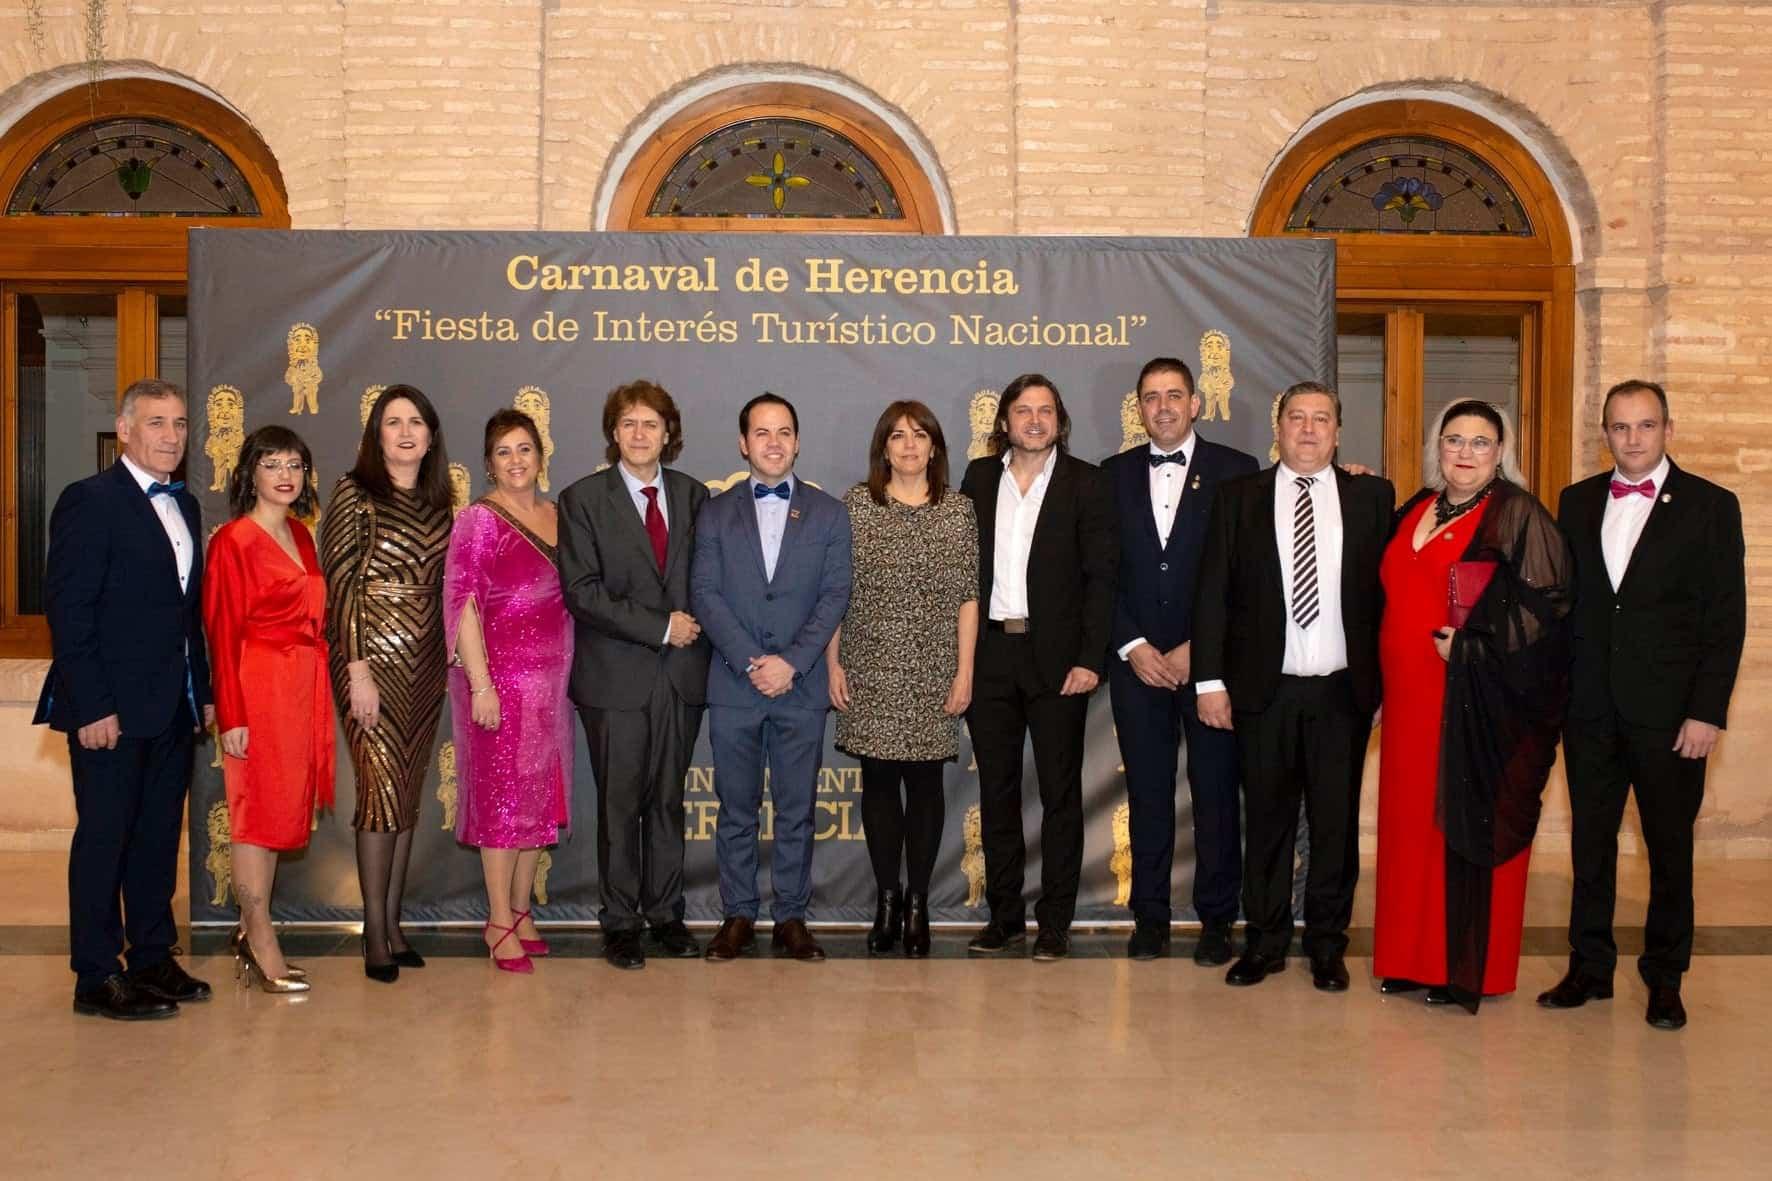 inauguracion carnaval 2020 herencia 43 - Inauguración del Carnaval de Herencia 2020